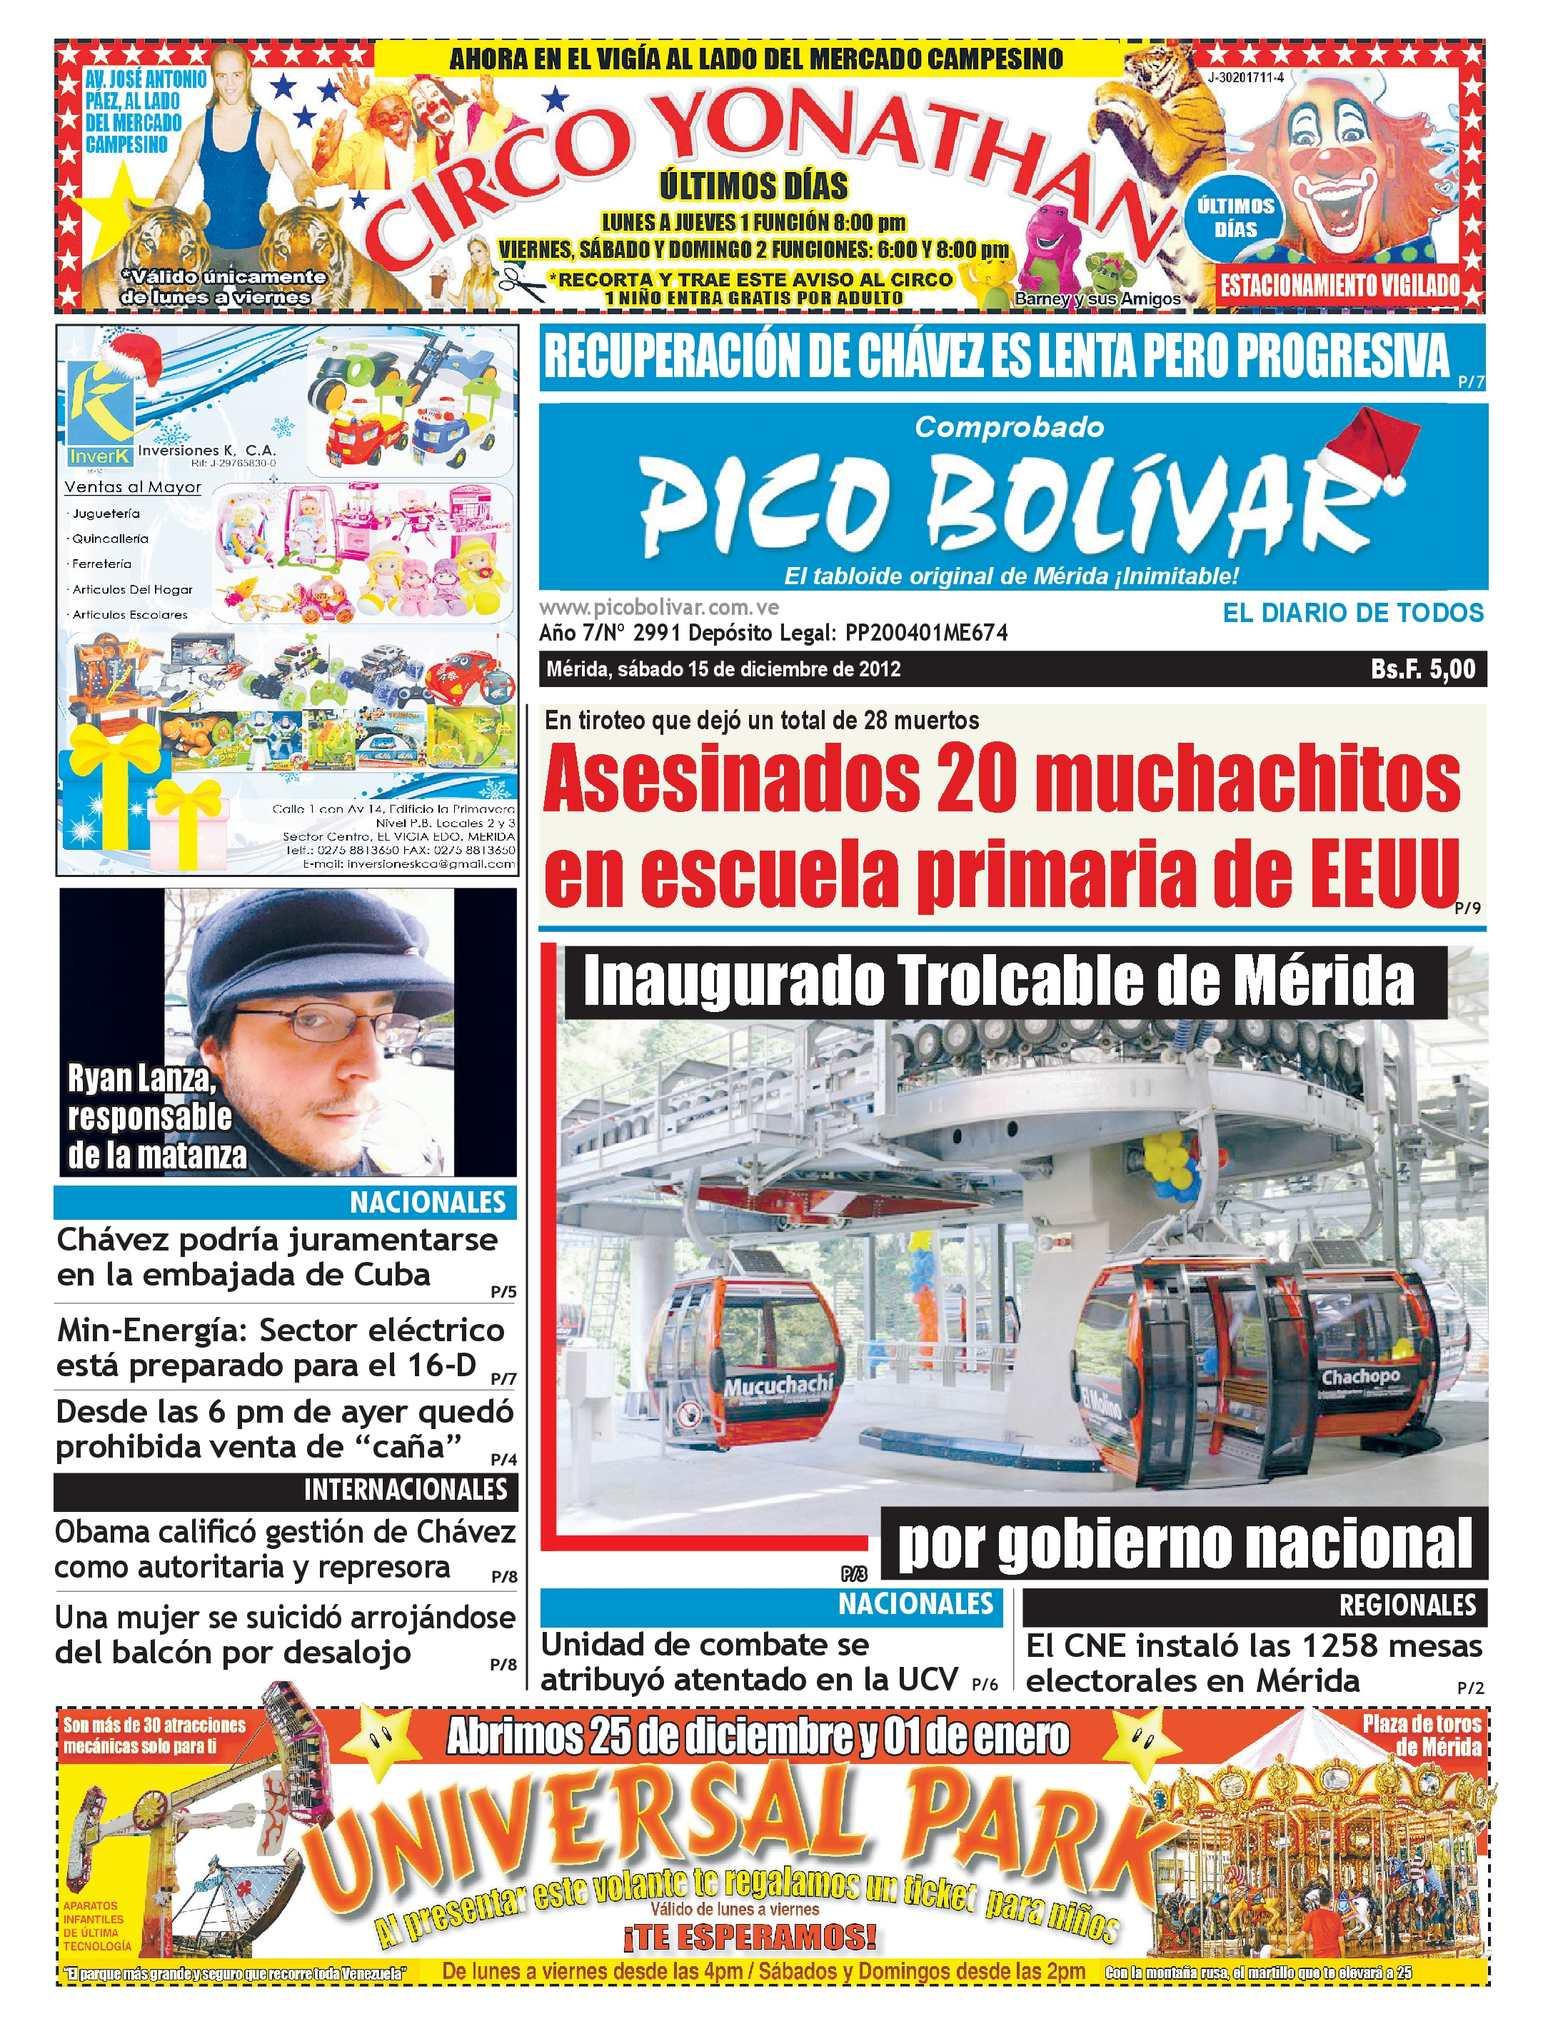 Calaméo - 15-12-2012 dbbc94c40388b